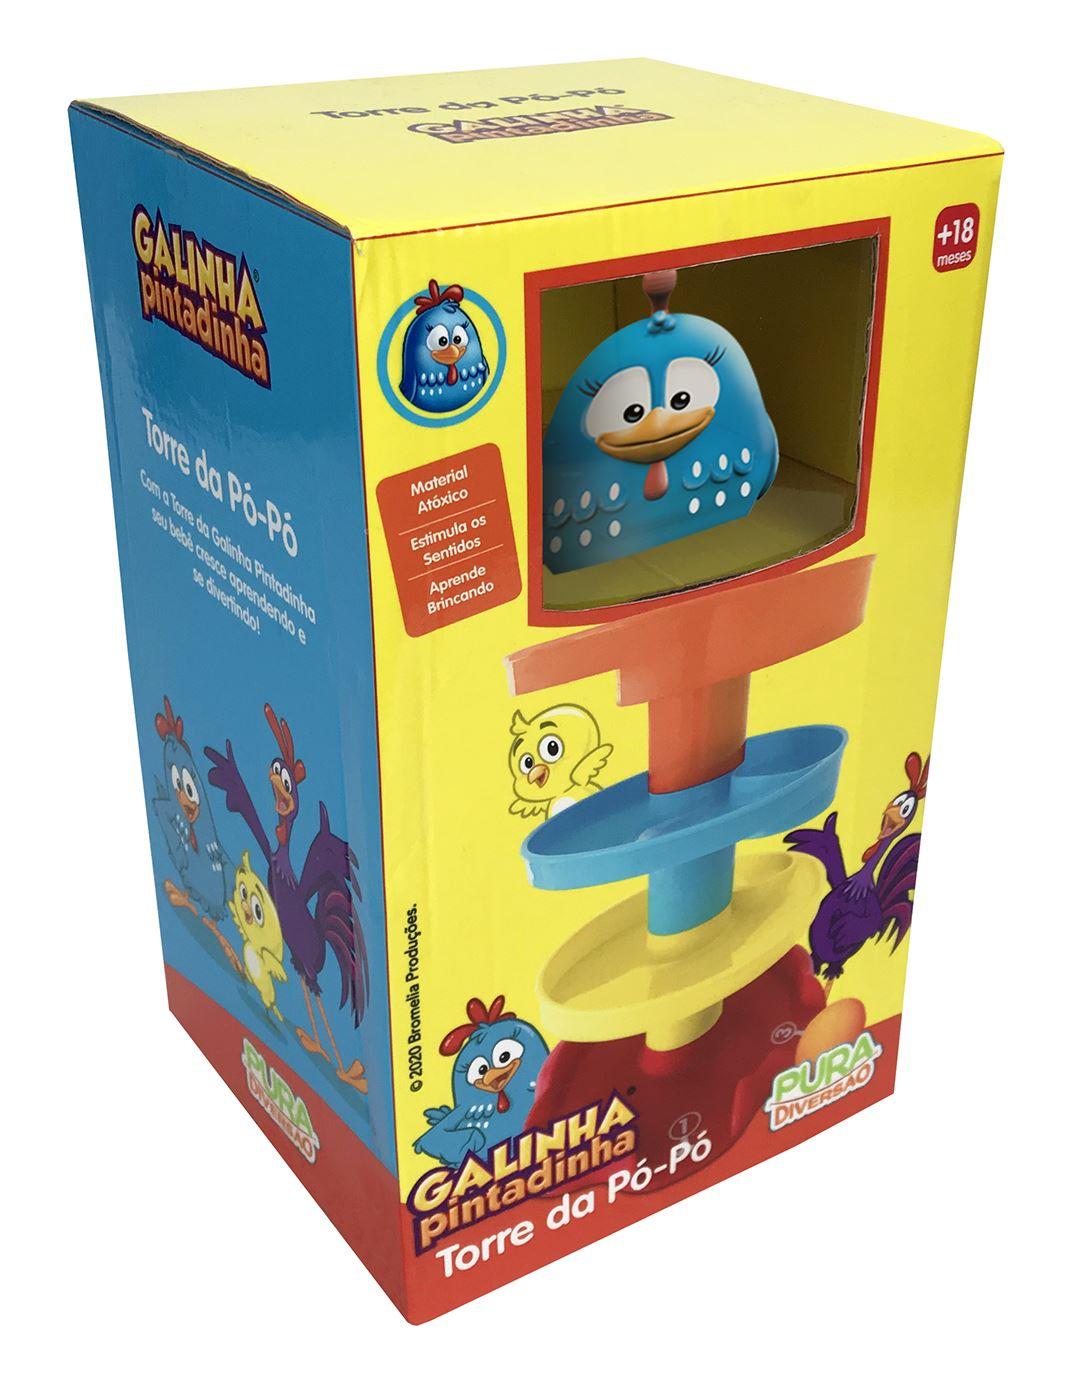 Torre da Pó-Pó - Galinha Pintadinha - Yes Toys